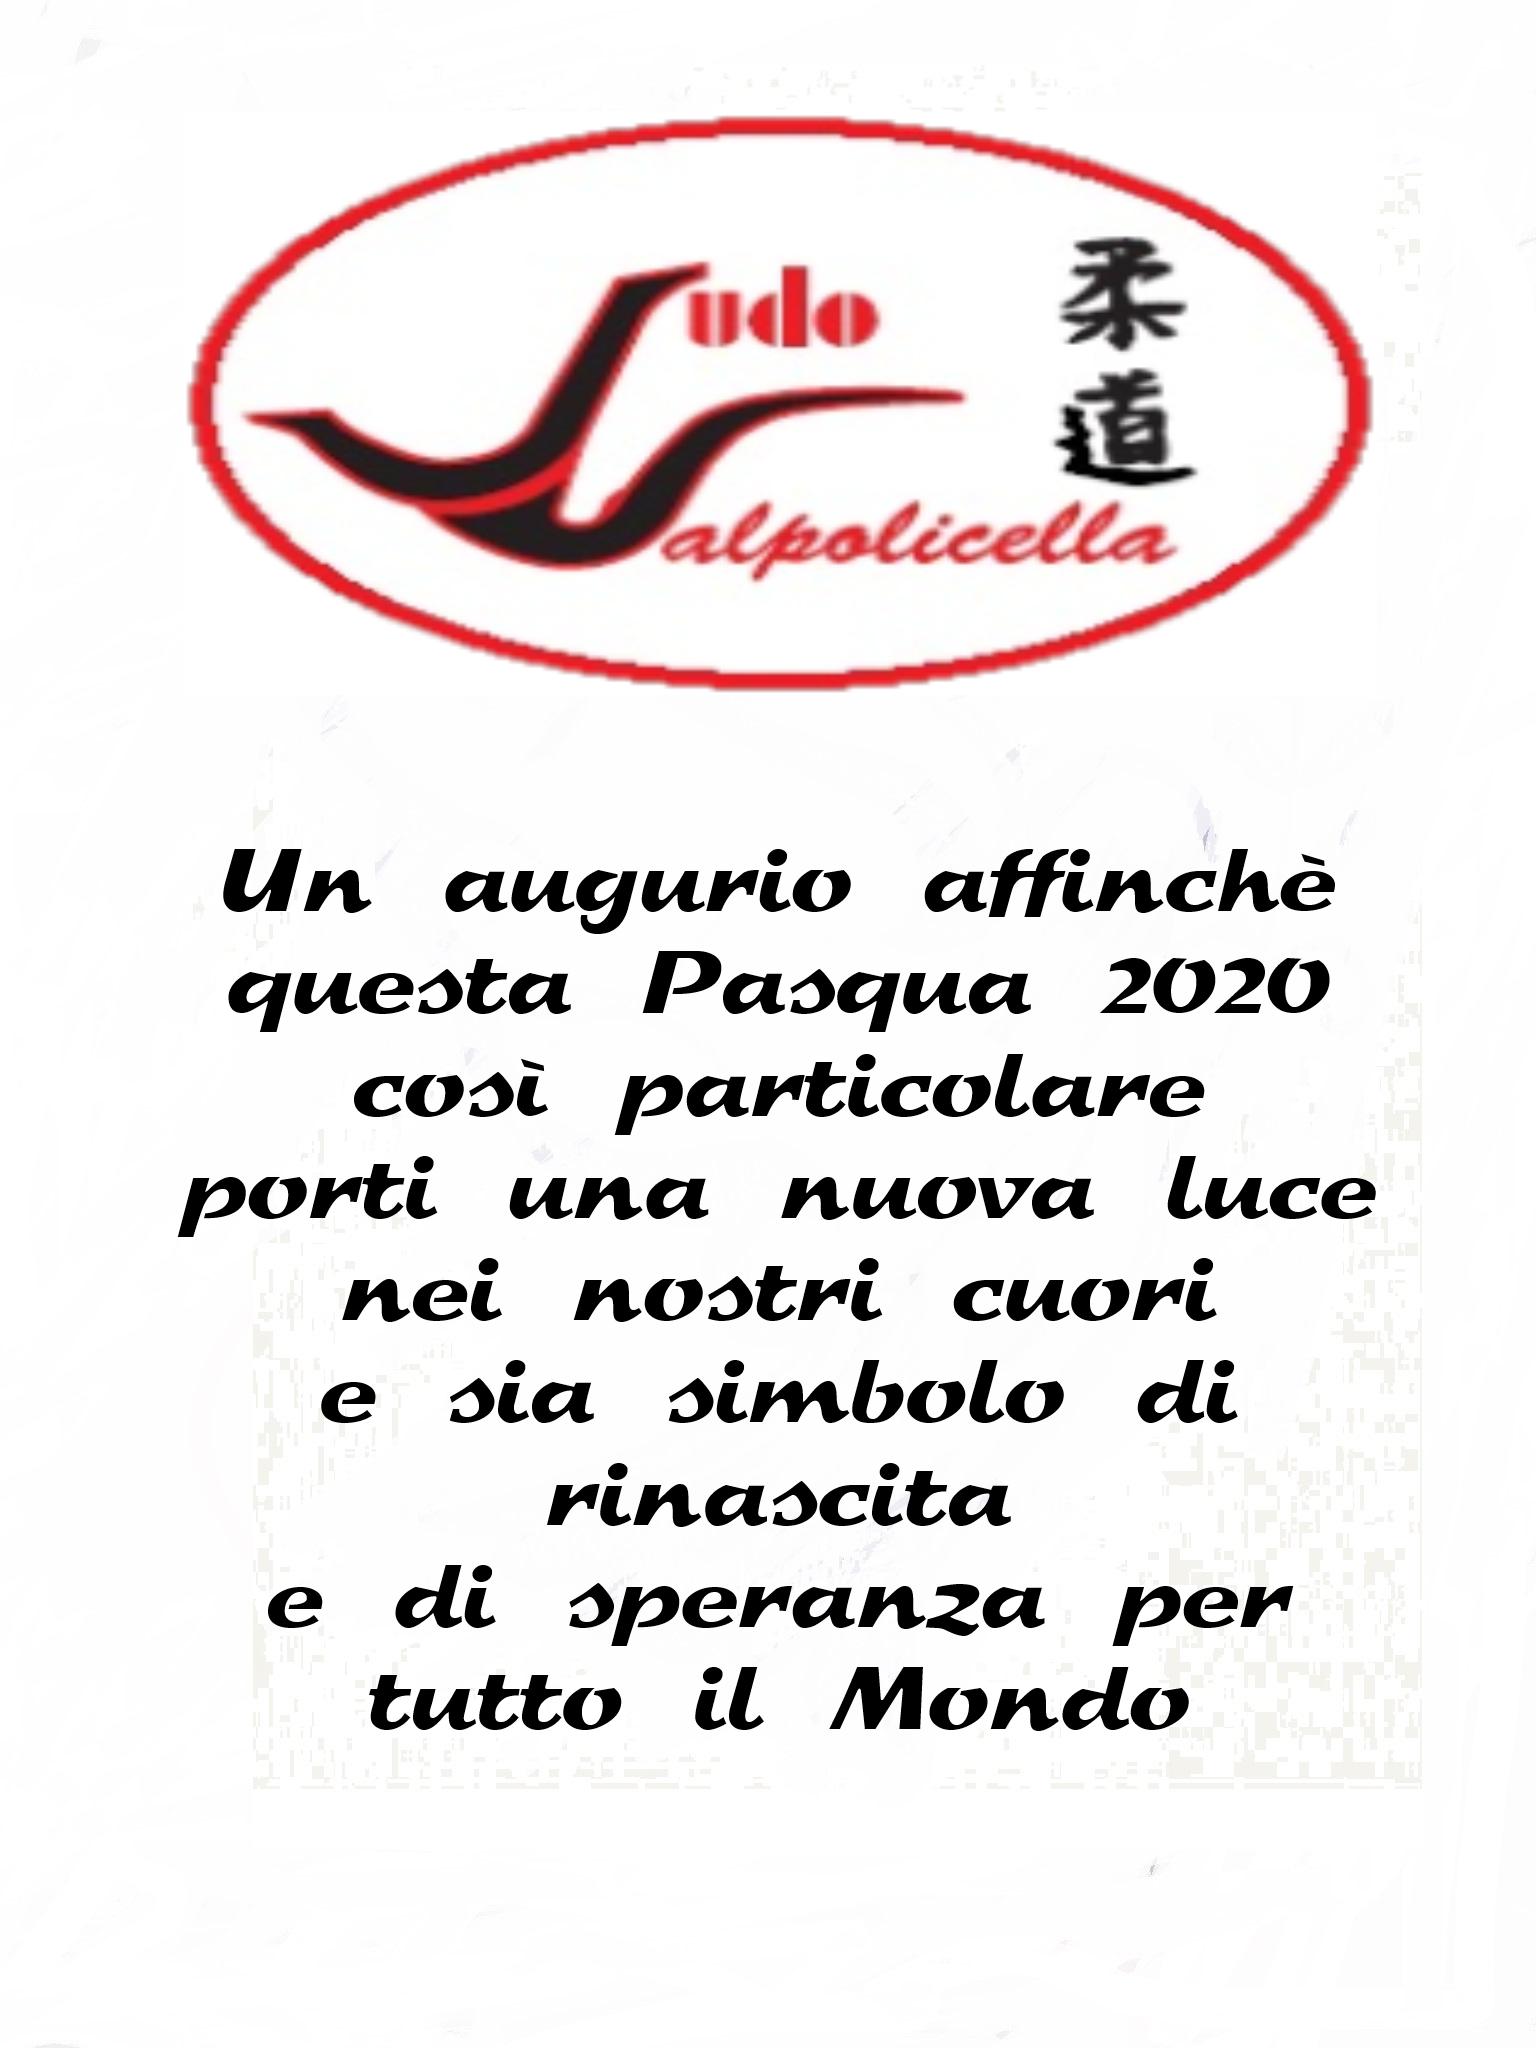 pasqua-2020